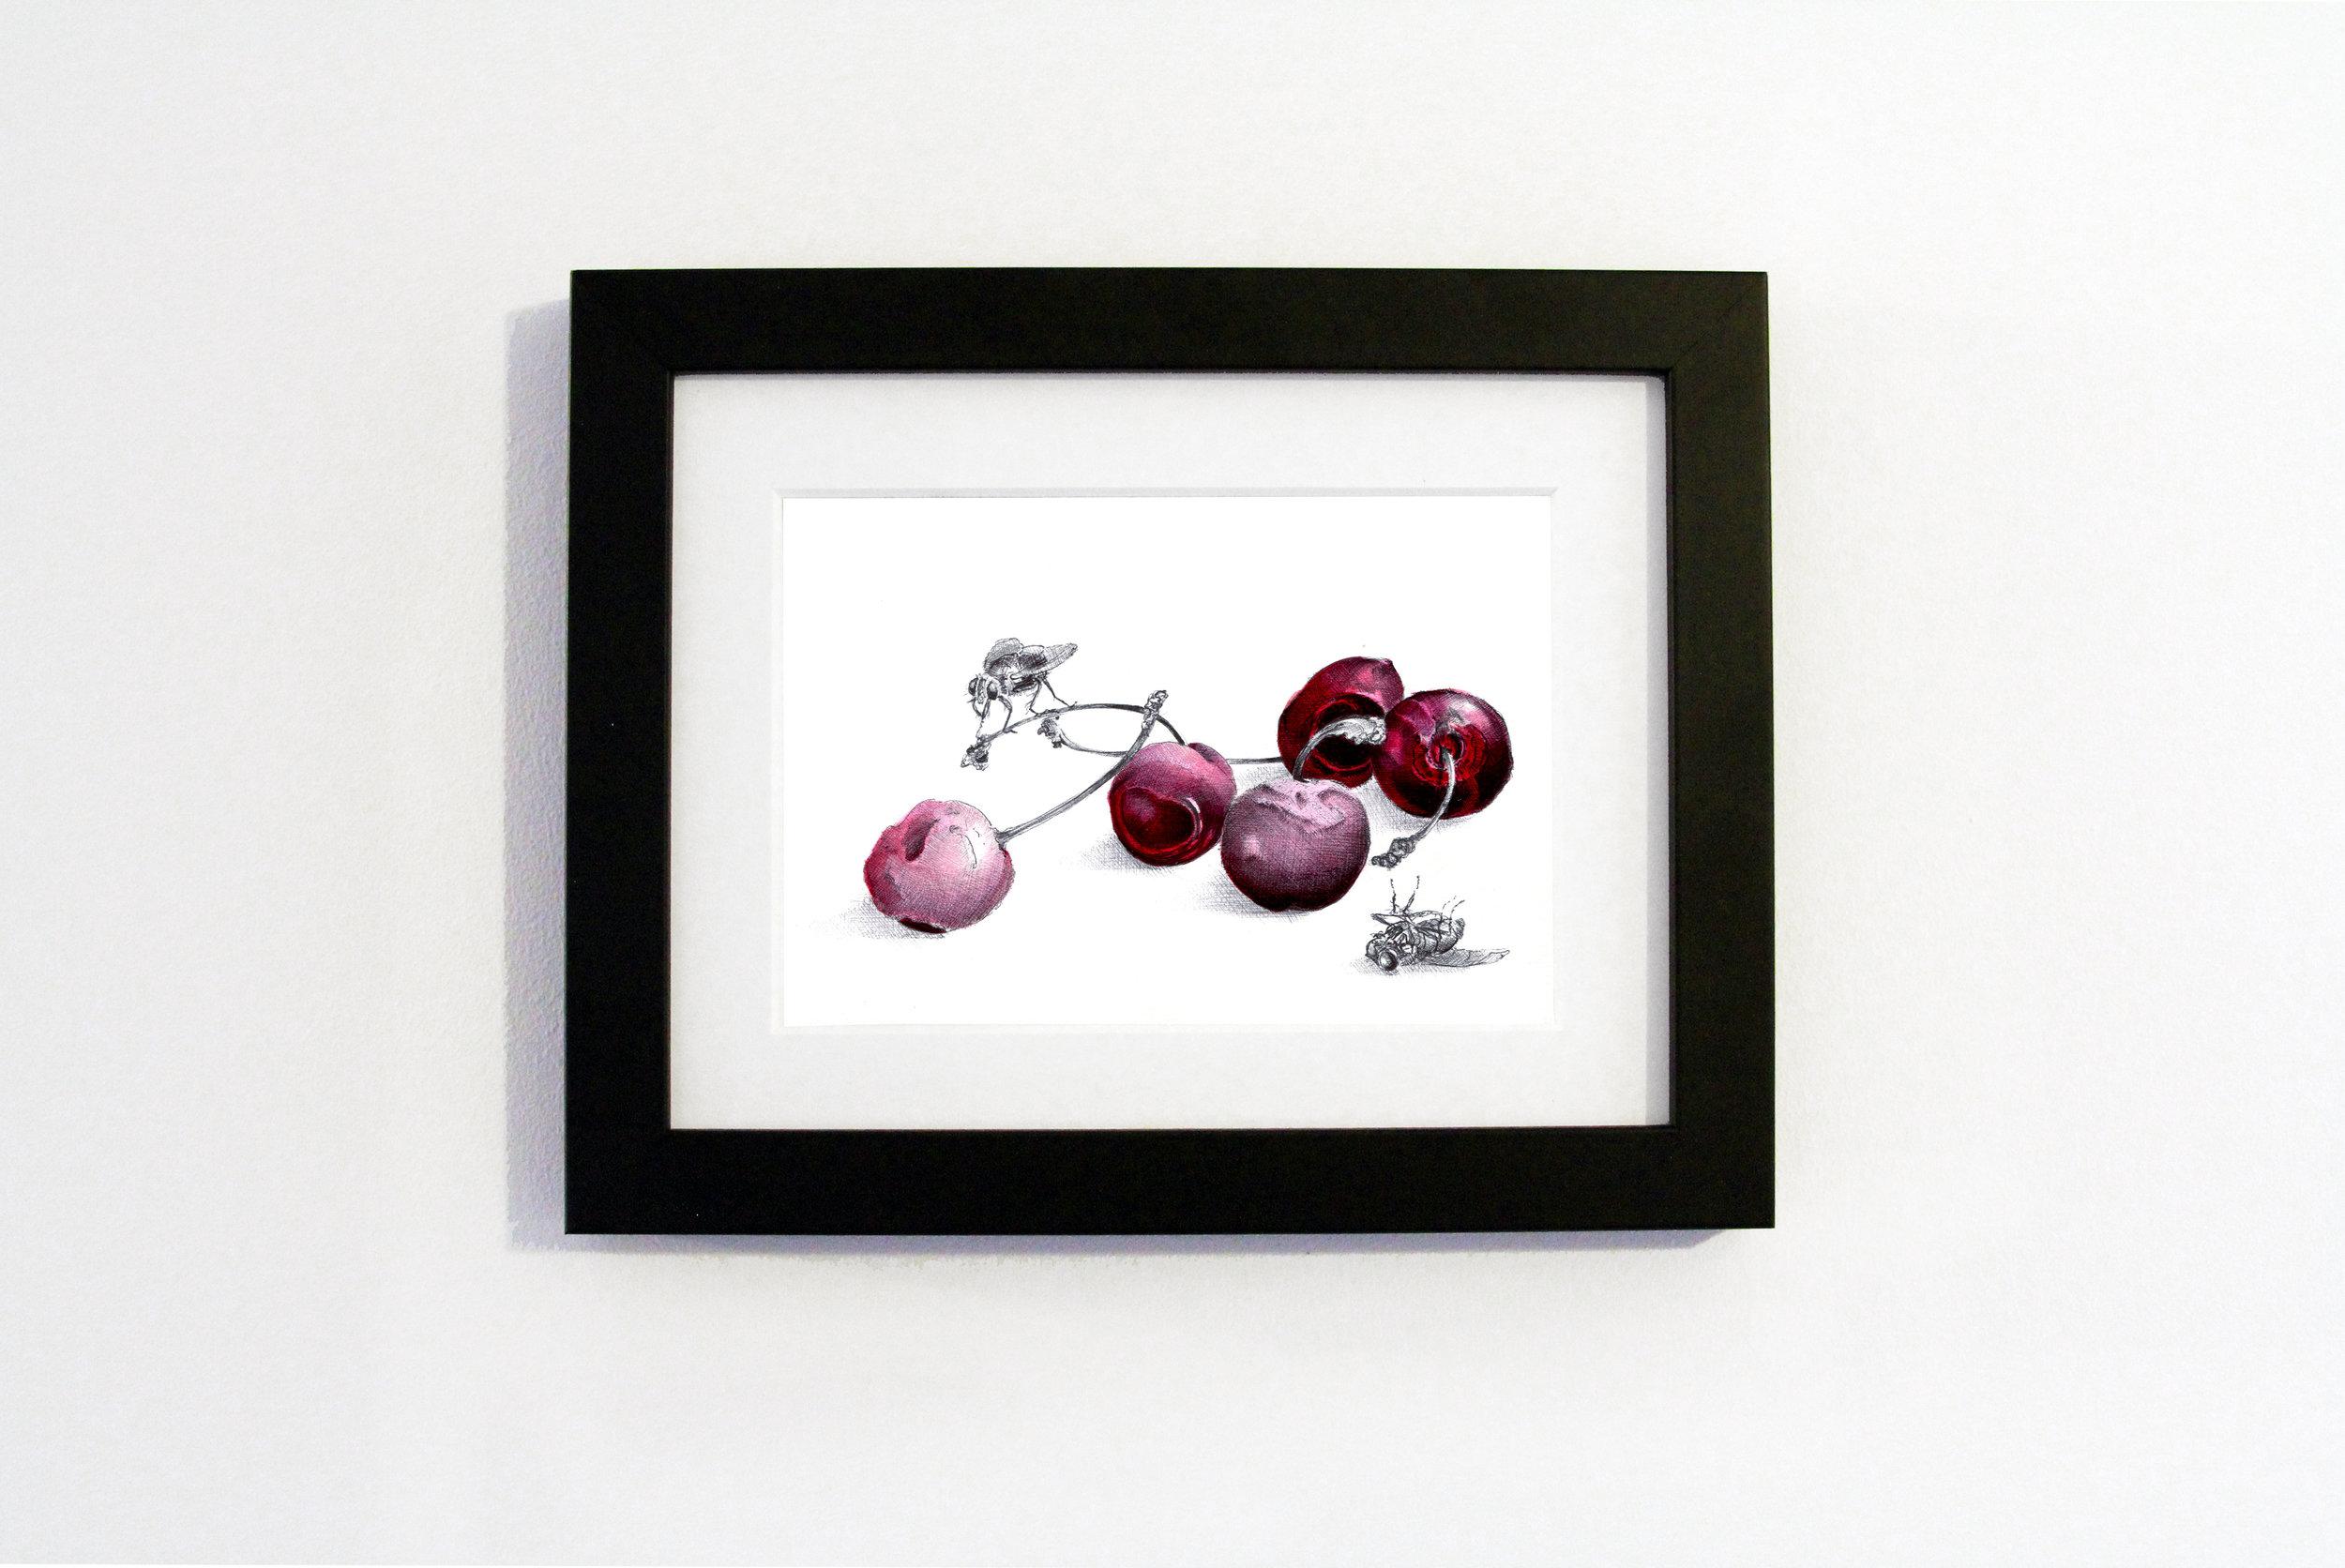 Cherries Black frame.jpg